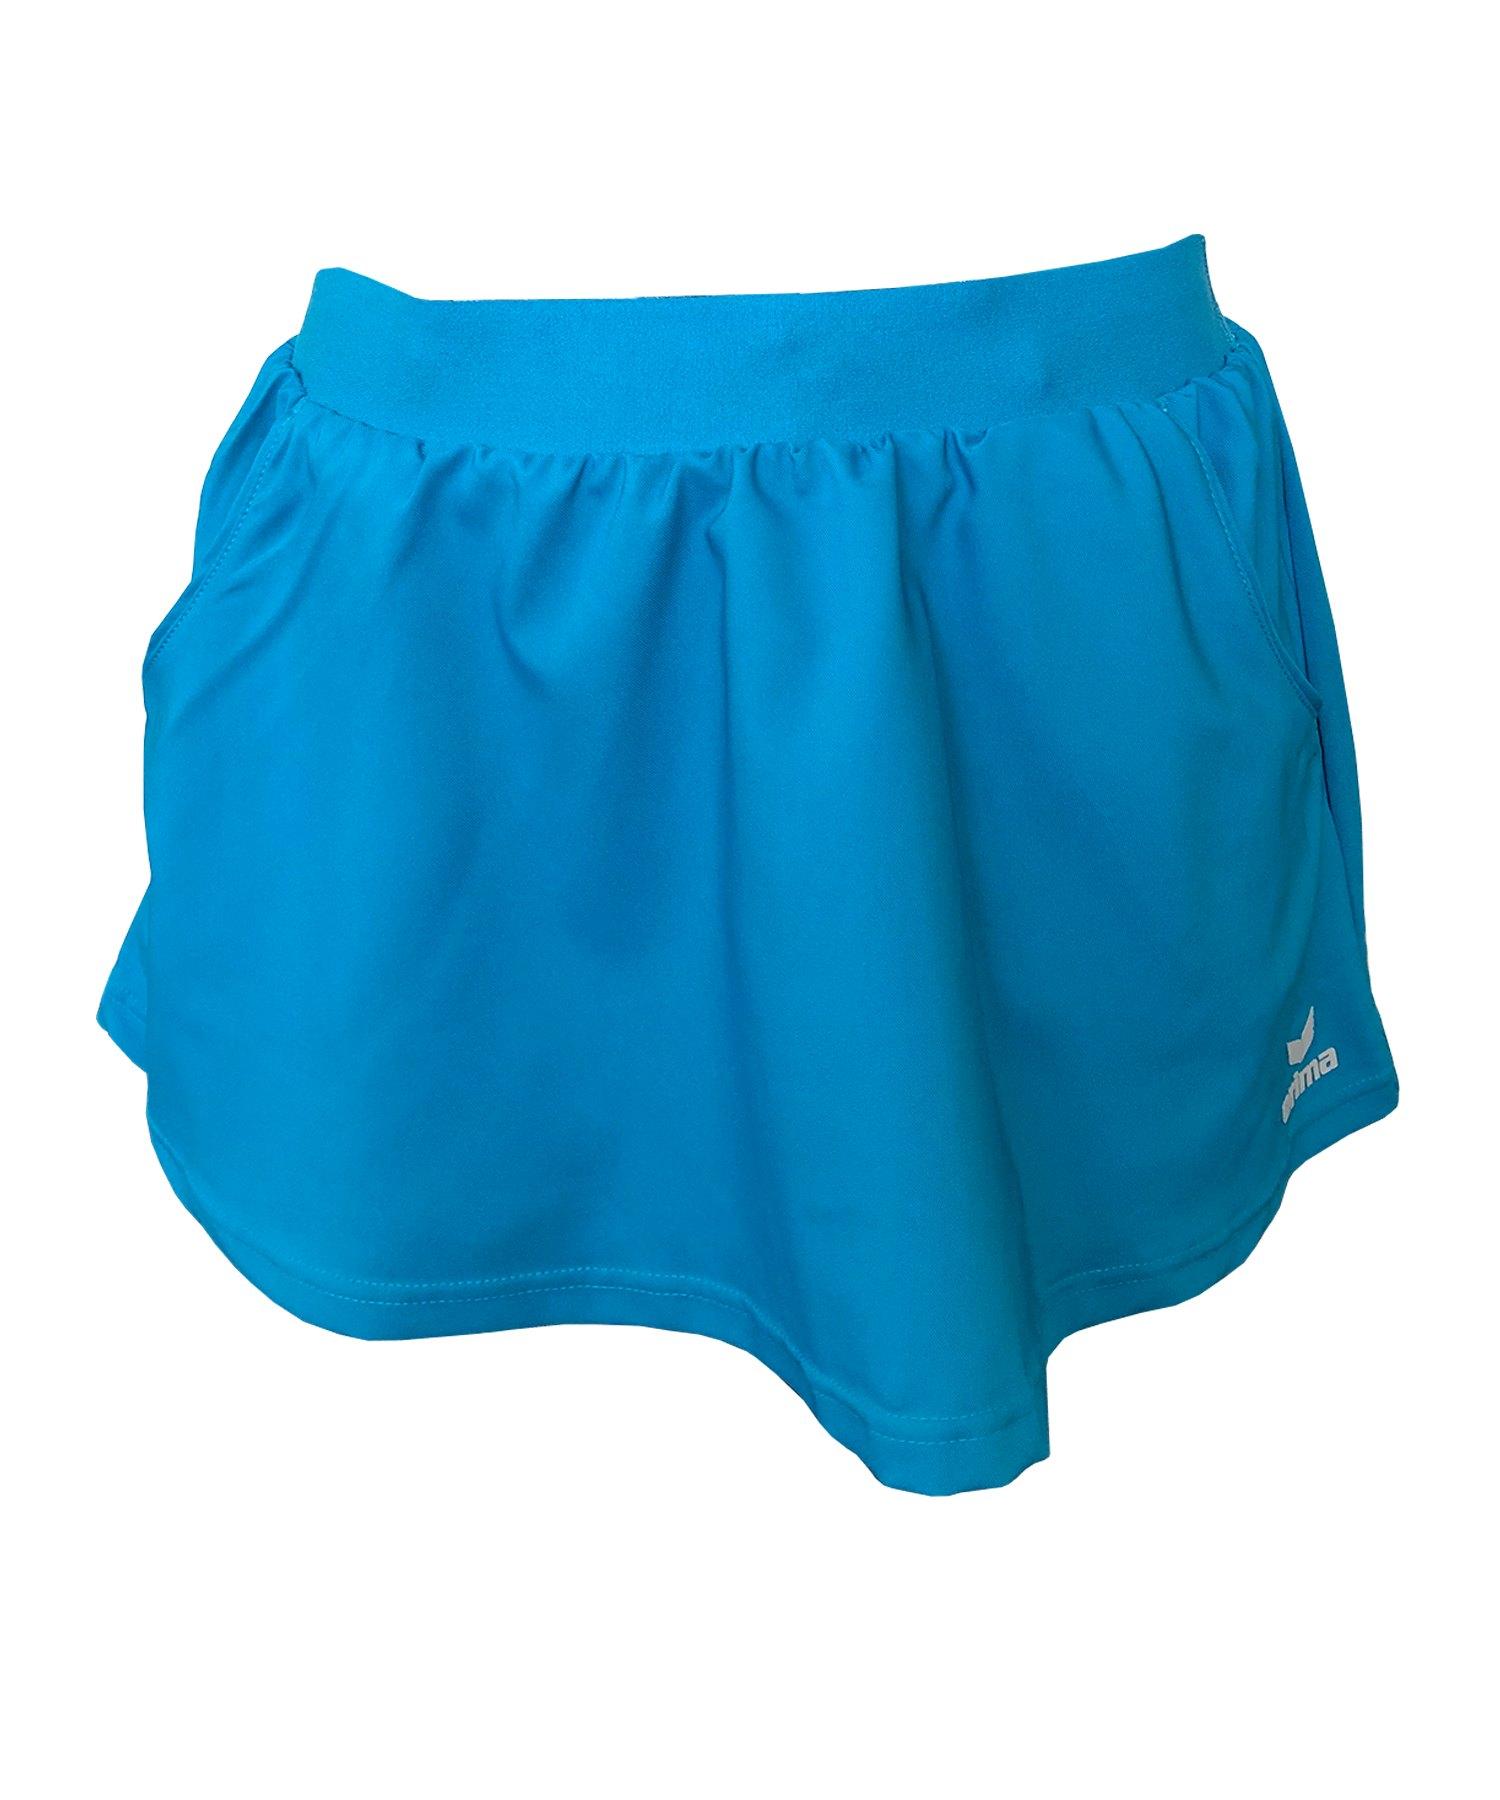 Erima Tennisrock Damen Blau F504 - blau